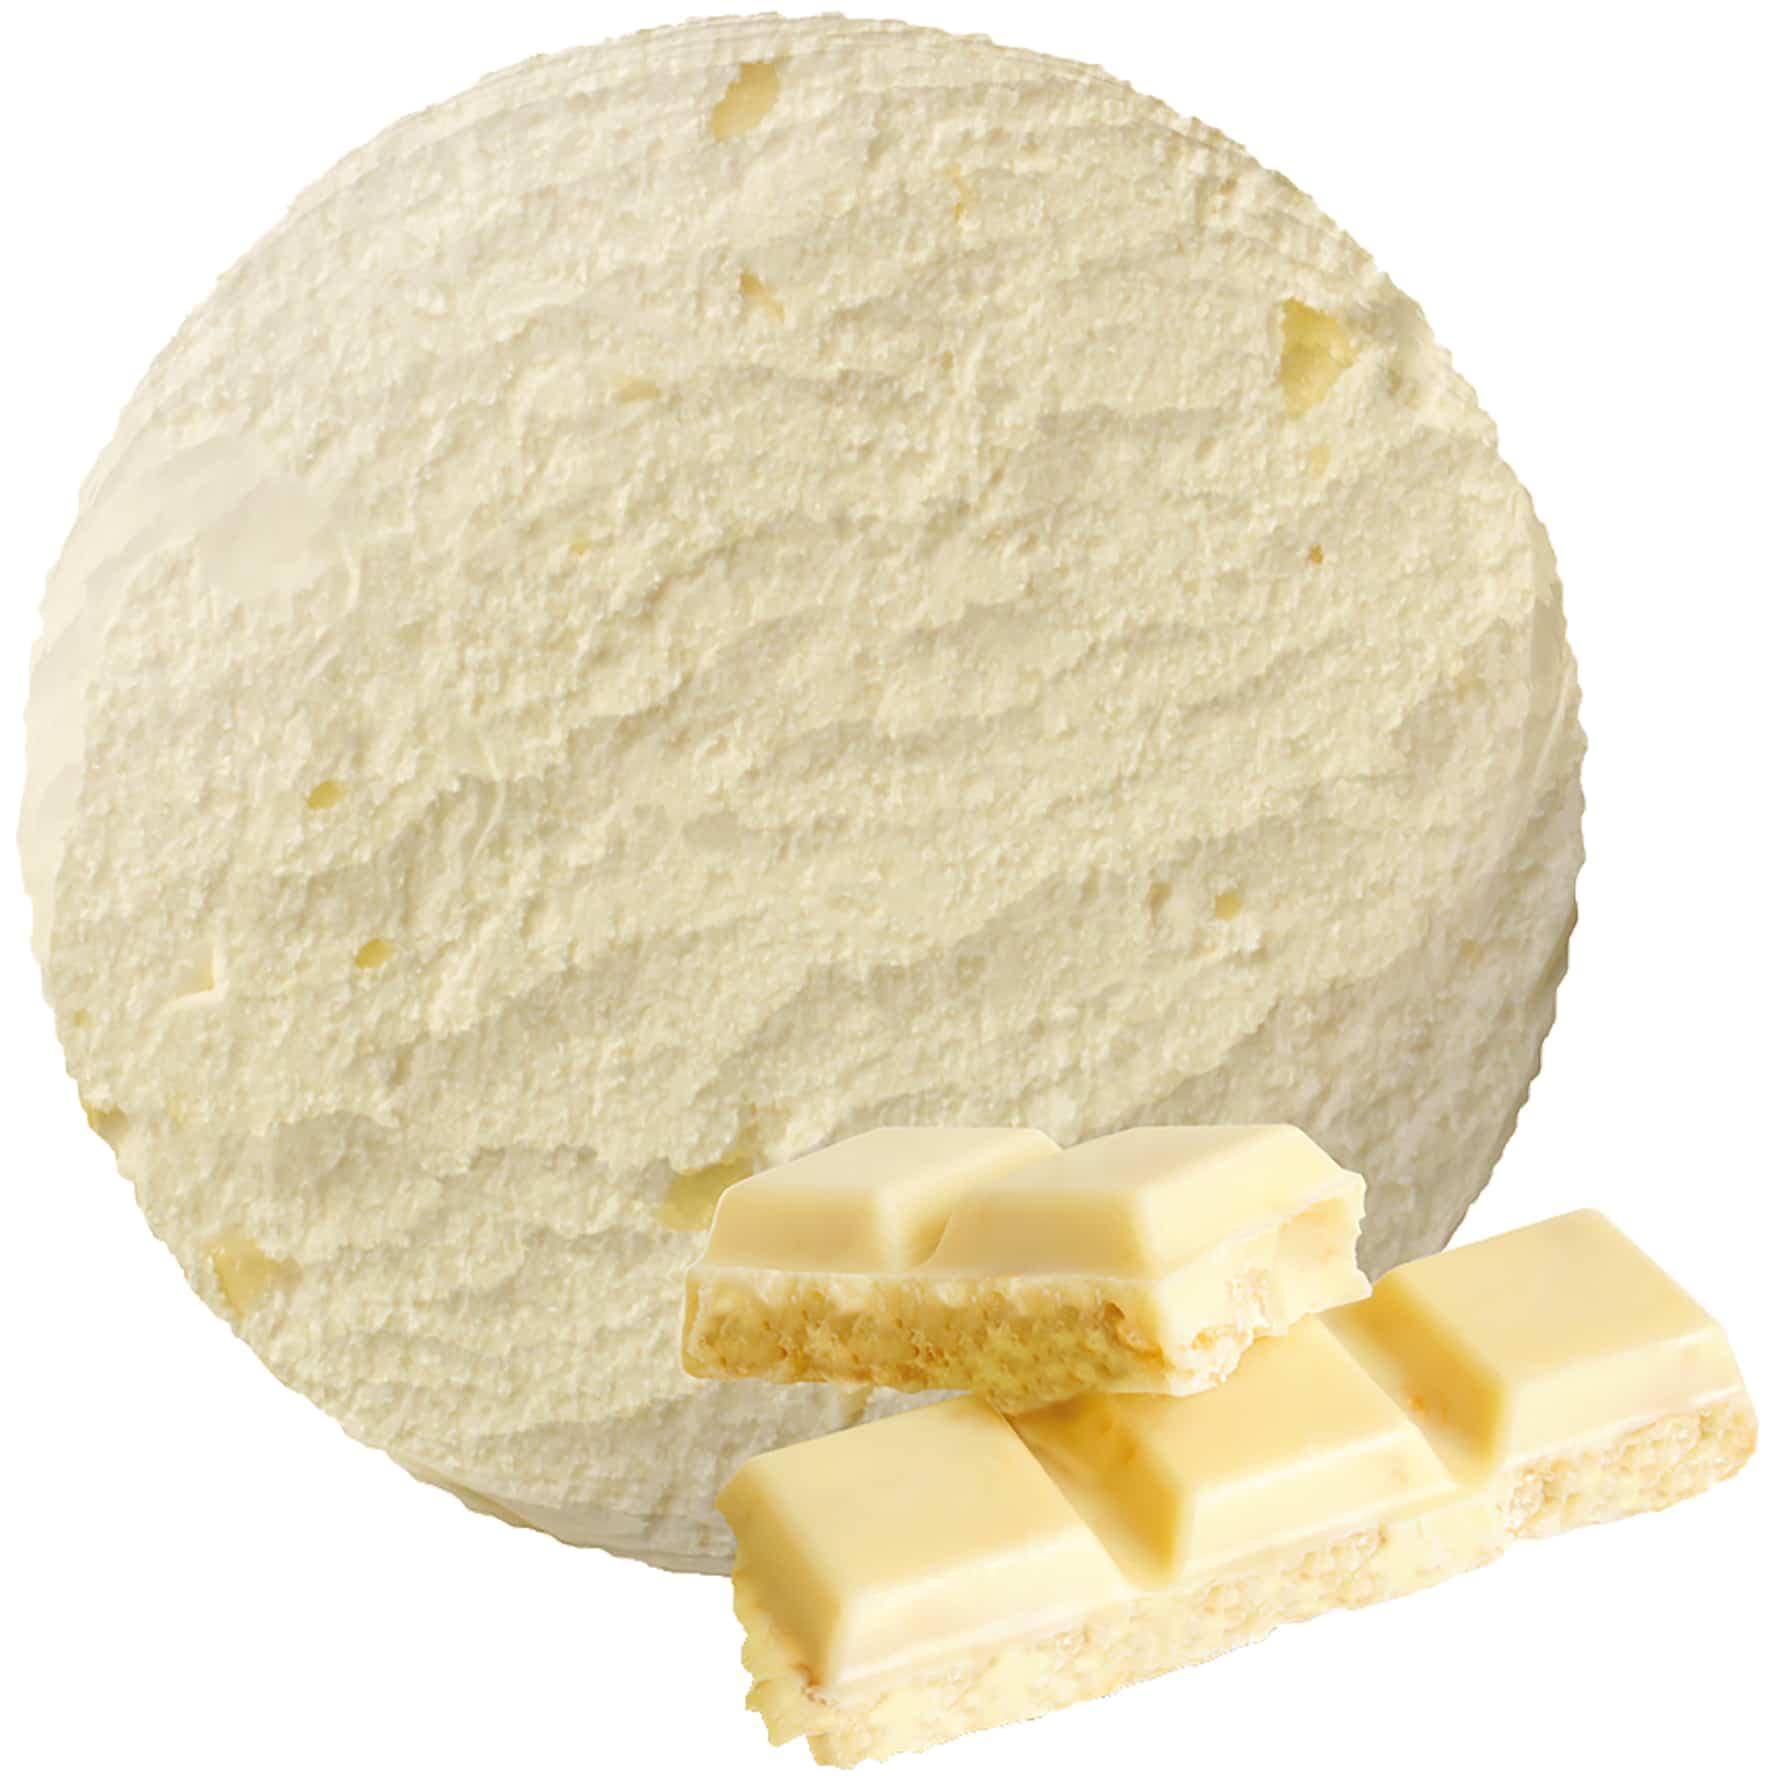 30250026-1_roomijs_witte-chocolade